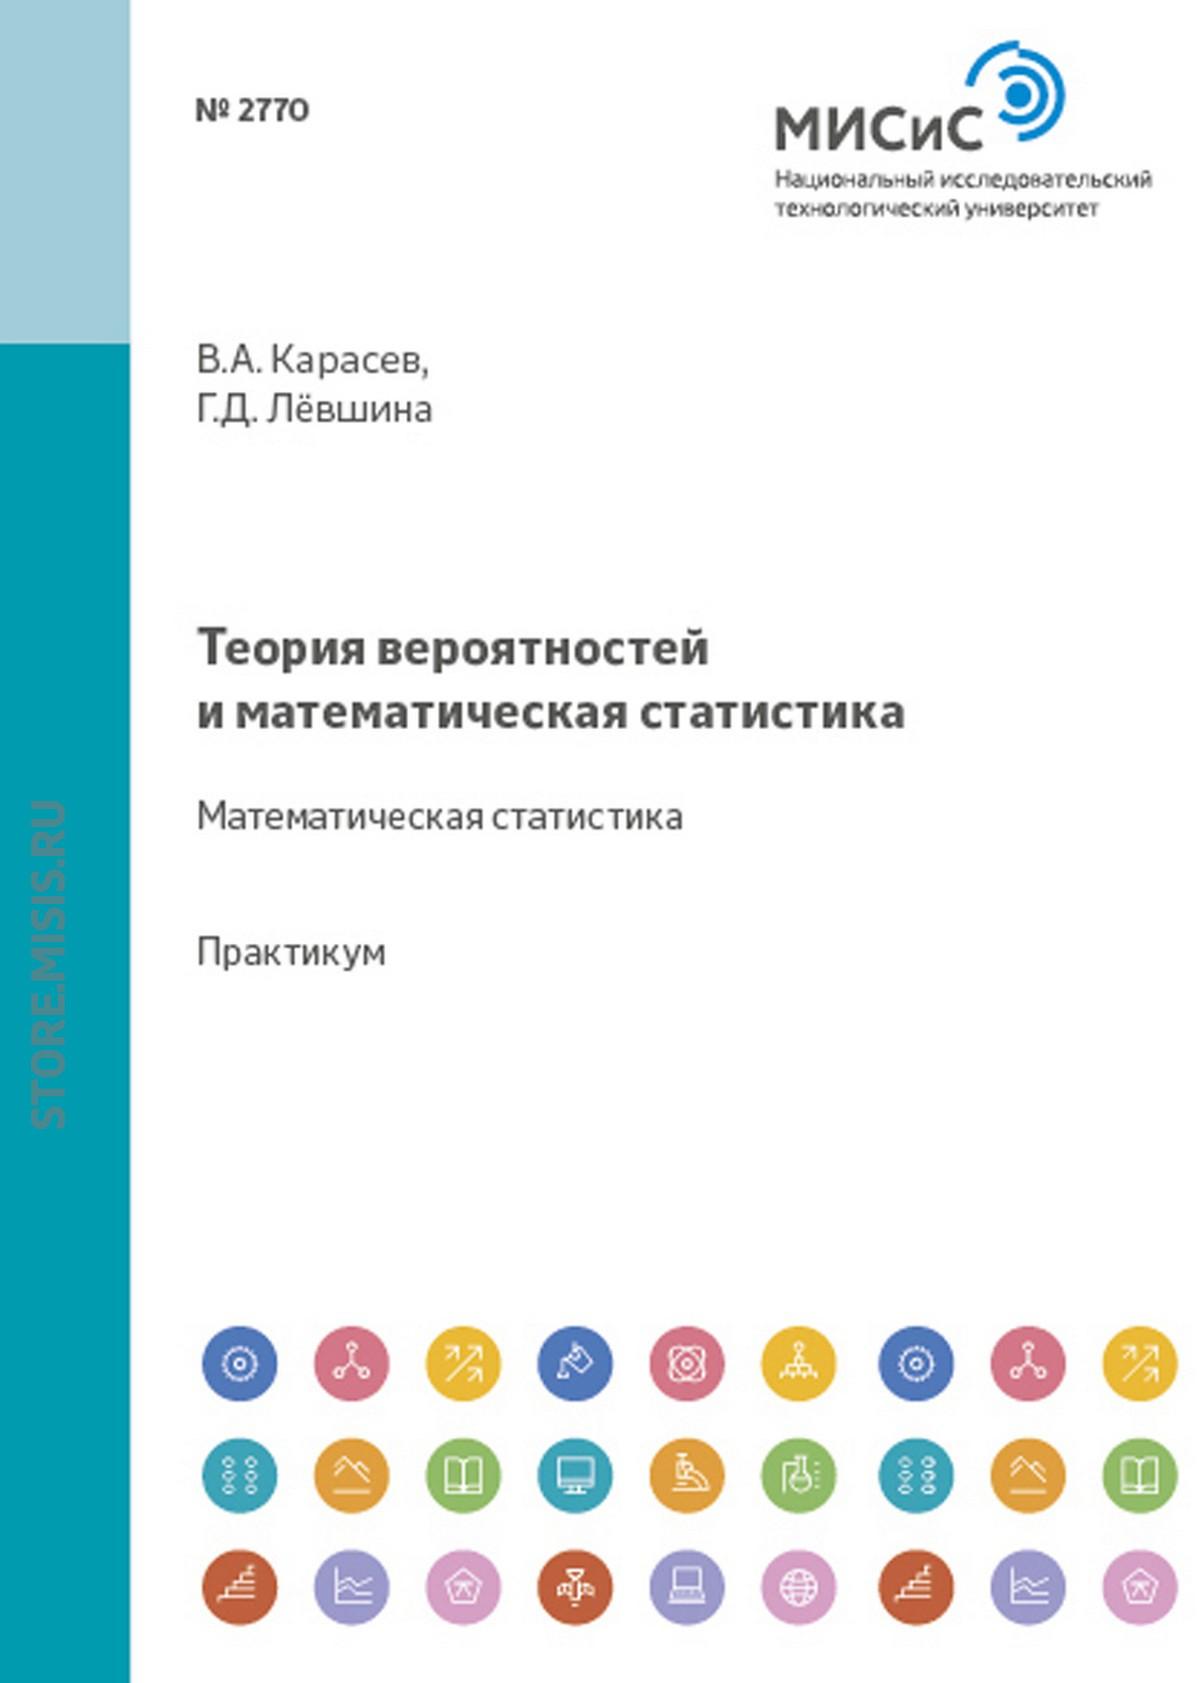 В. А. Карасев Теория вероятностей и математическая статистика. Математическая статистика шахмейстер а доказательства неравенств математическая индукция теория сравнений введение в криптографию